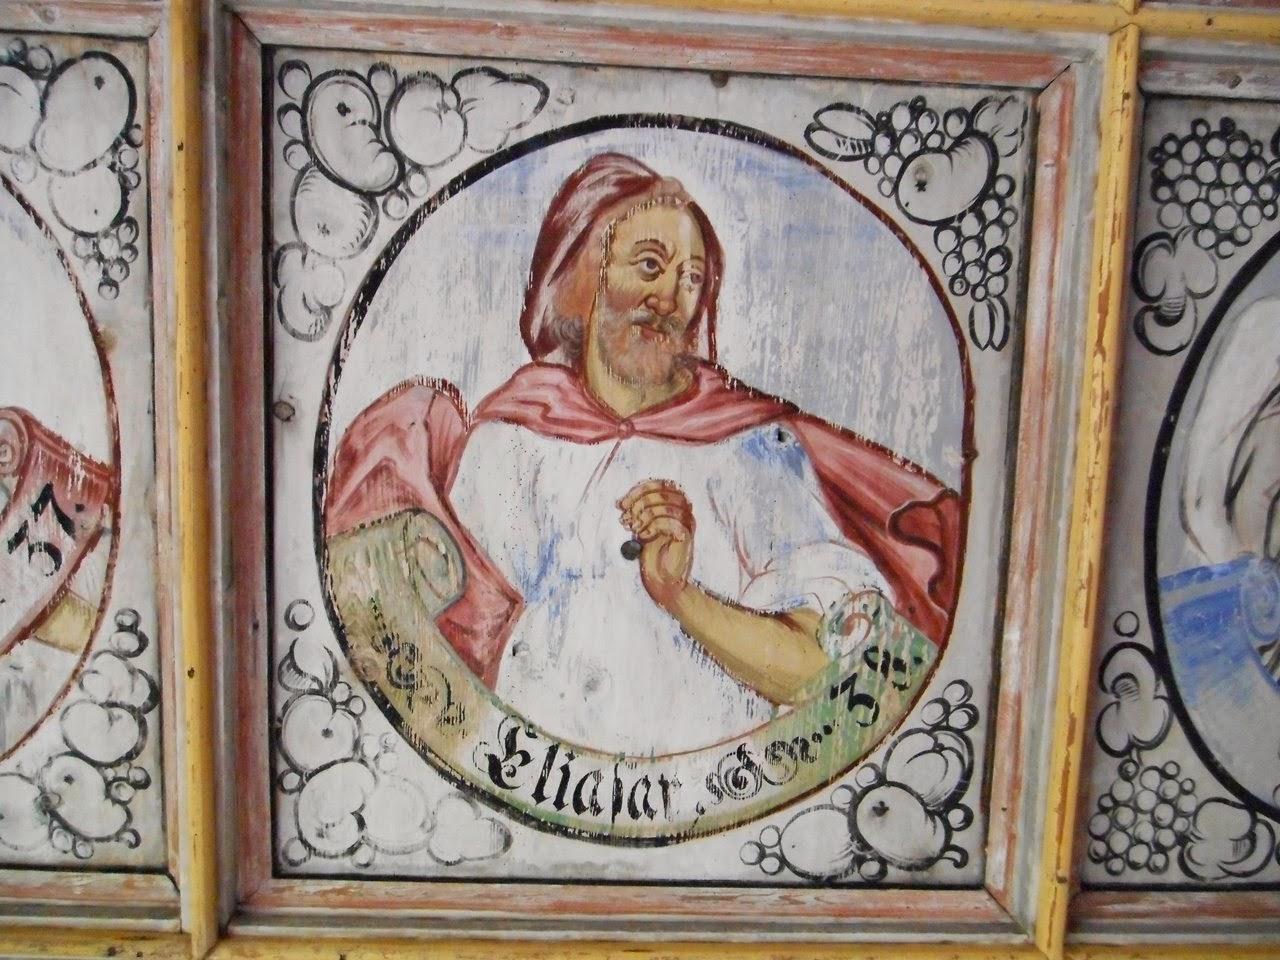 wystrój kościoła, dawne dekoracje, malowidła religijne